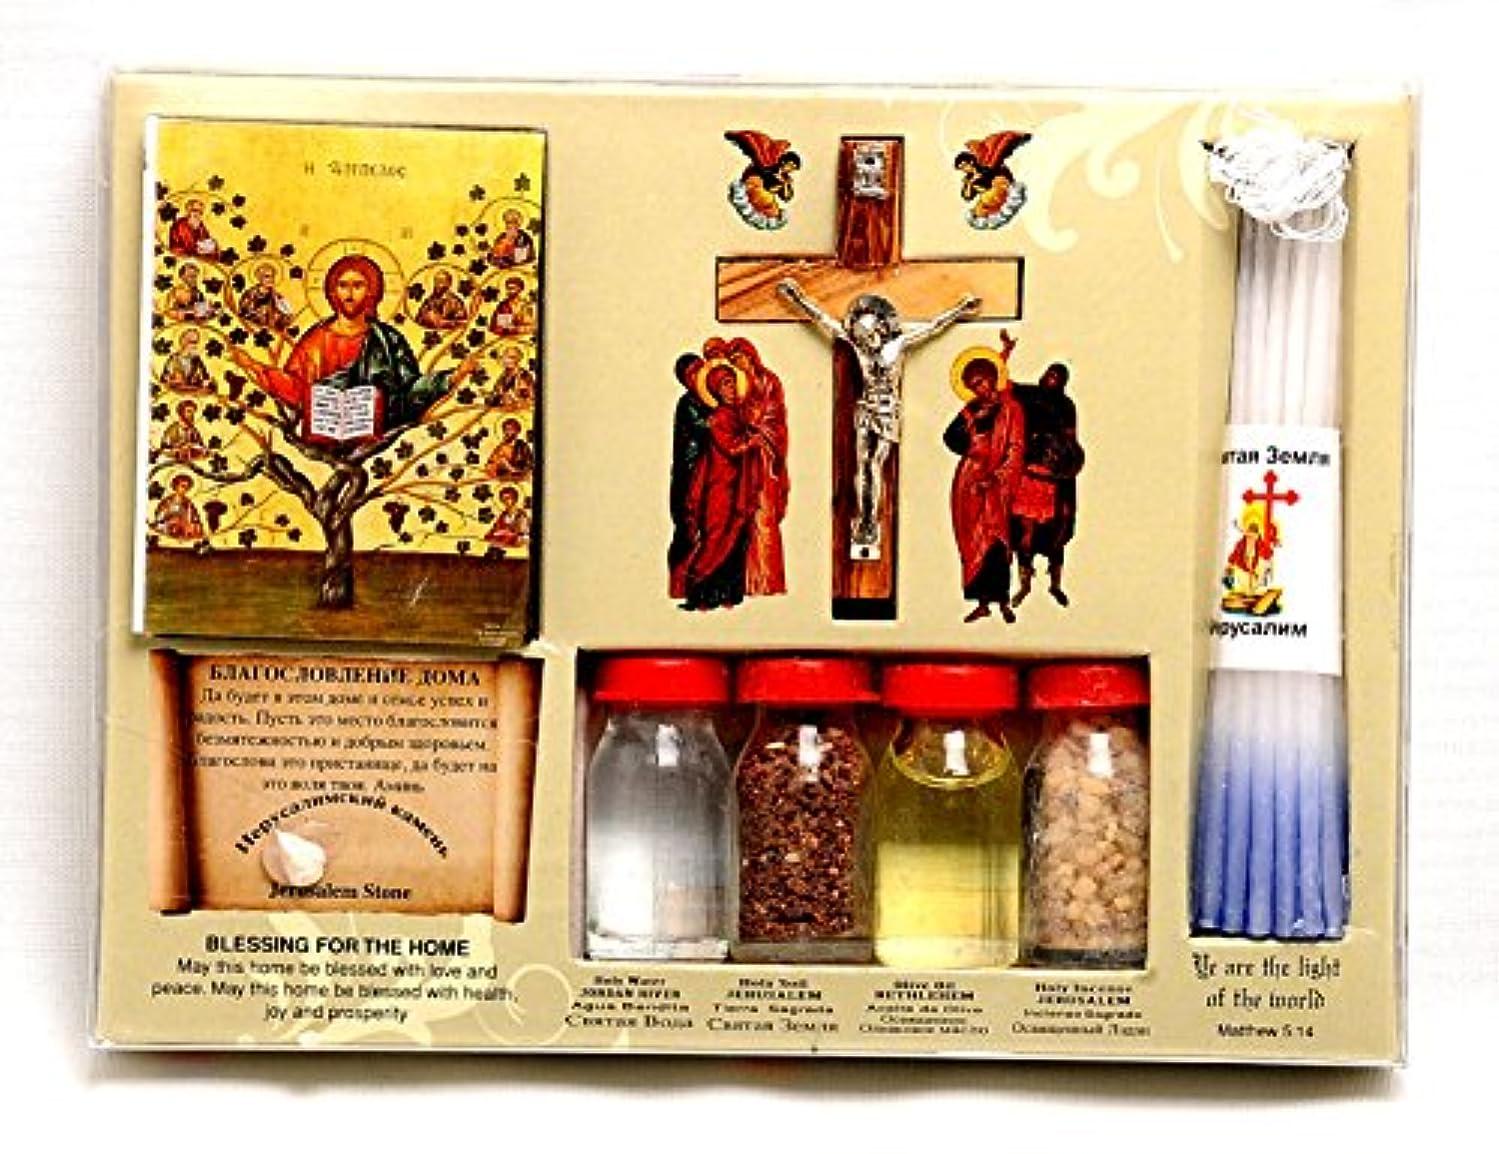 忍耐歌学ぶホーム祝福キットボトル、クロス&キャンドルに聖地エルサレム